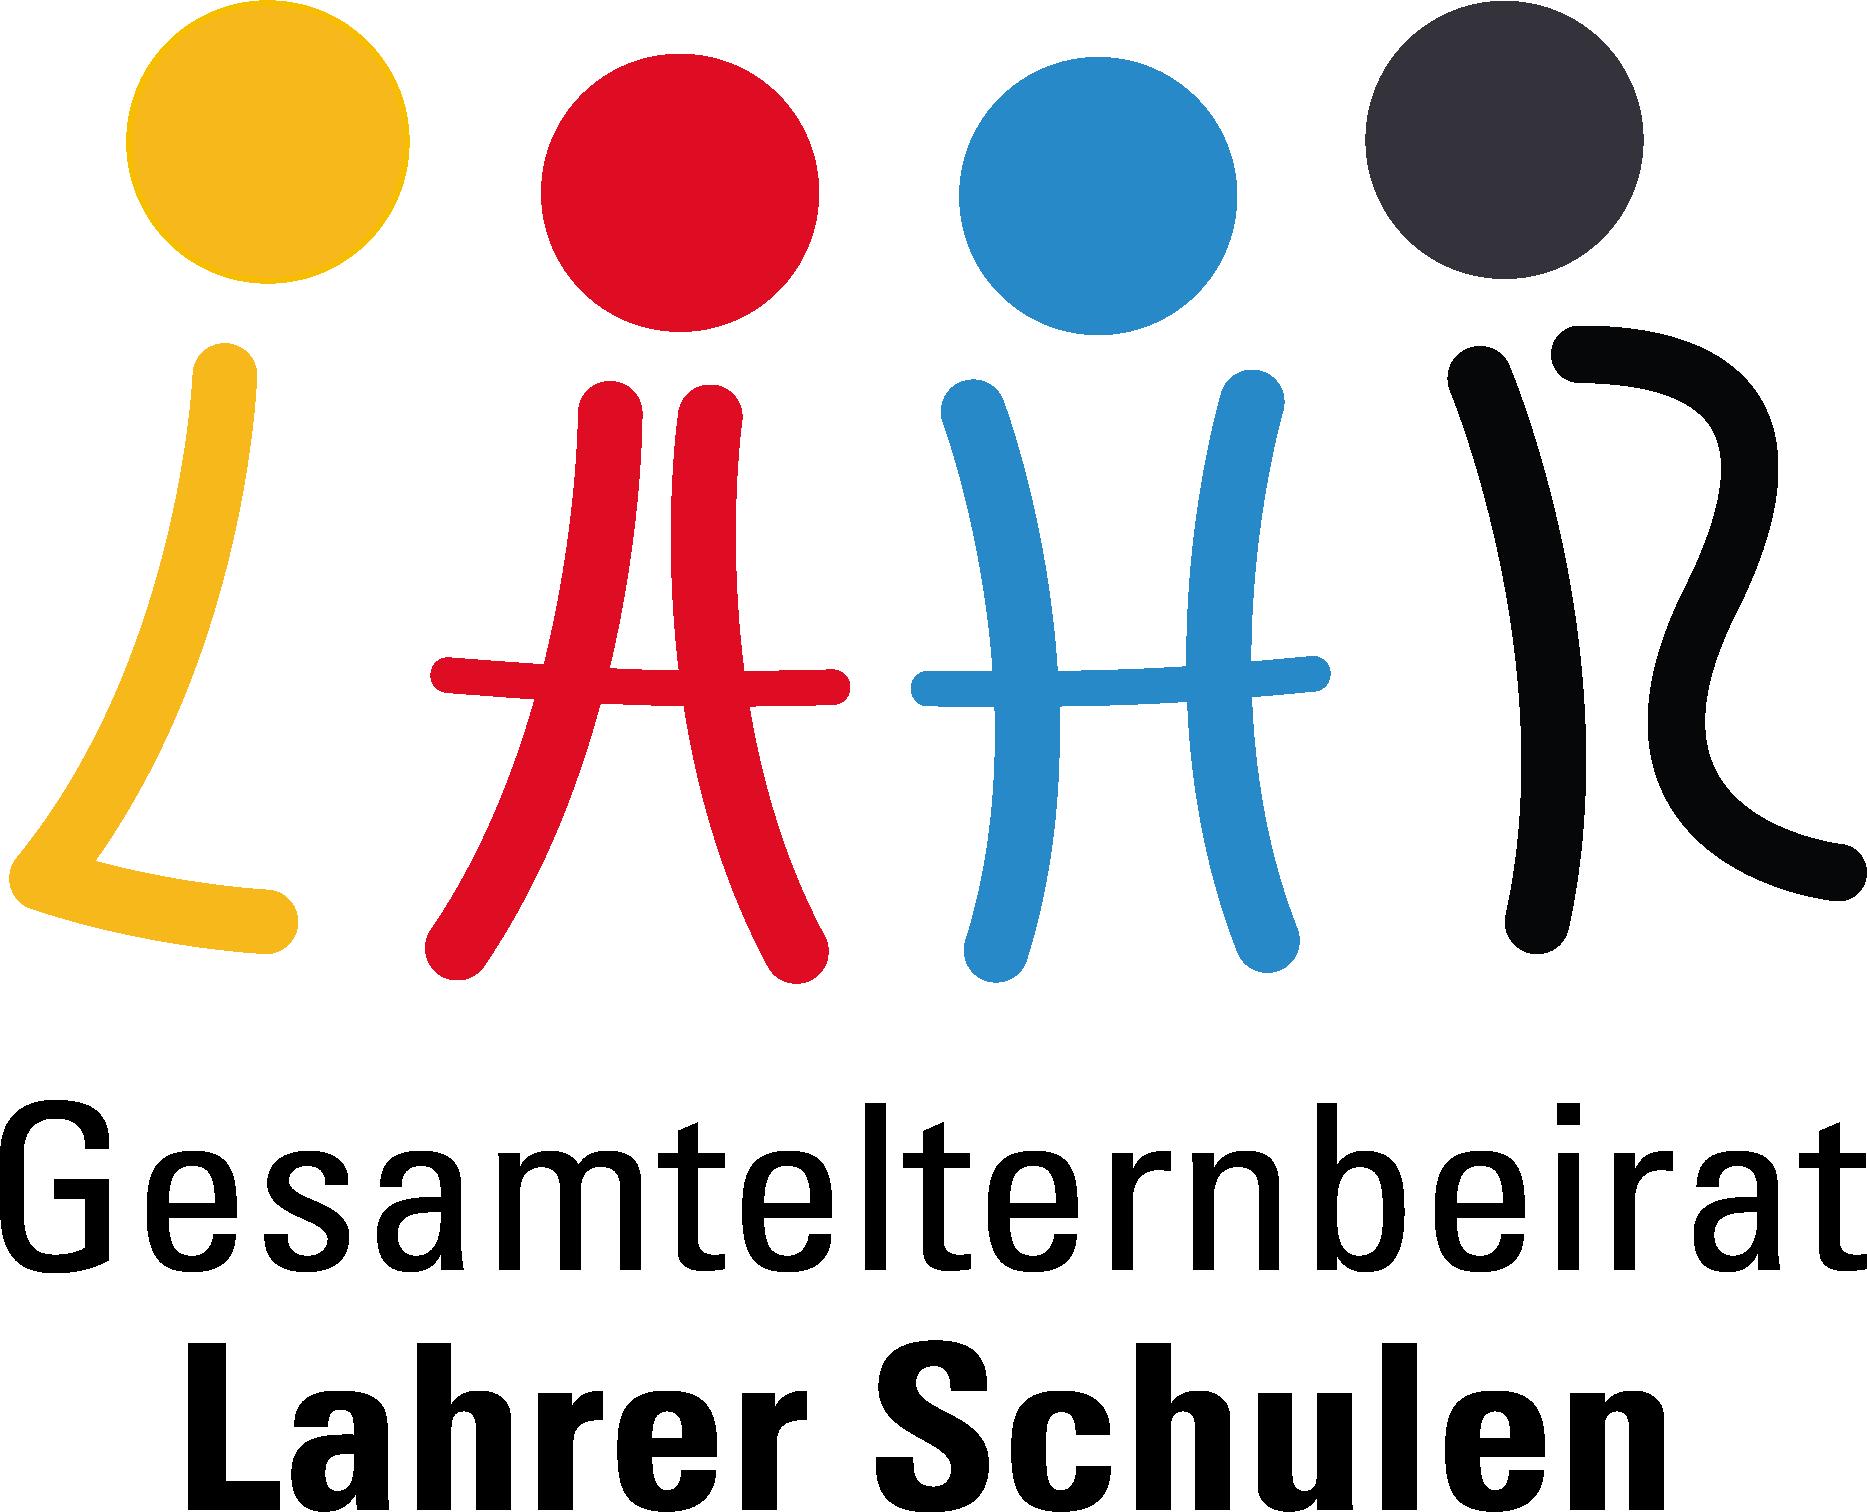 Logo-Entwicklung für den Gesamtelternbeirat Lahrer Schulen